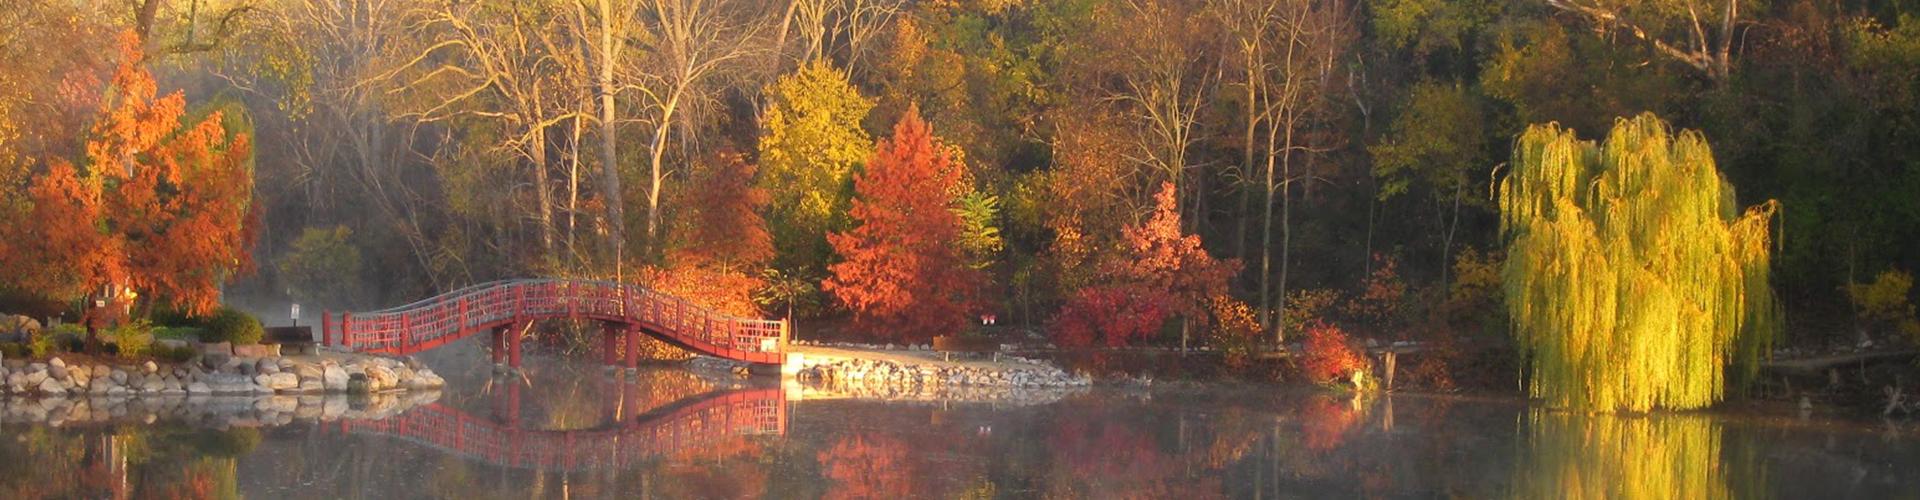 Relaxing & Romantic Getaways Janesville Wisconsin